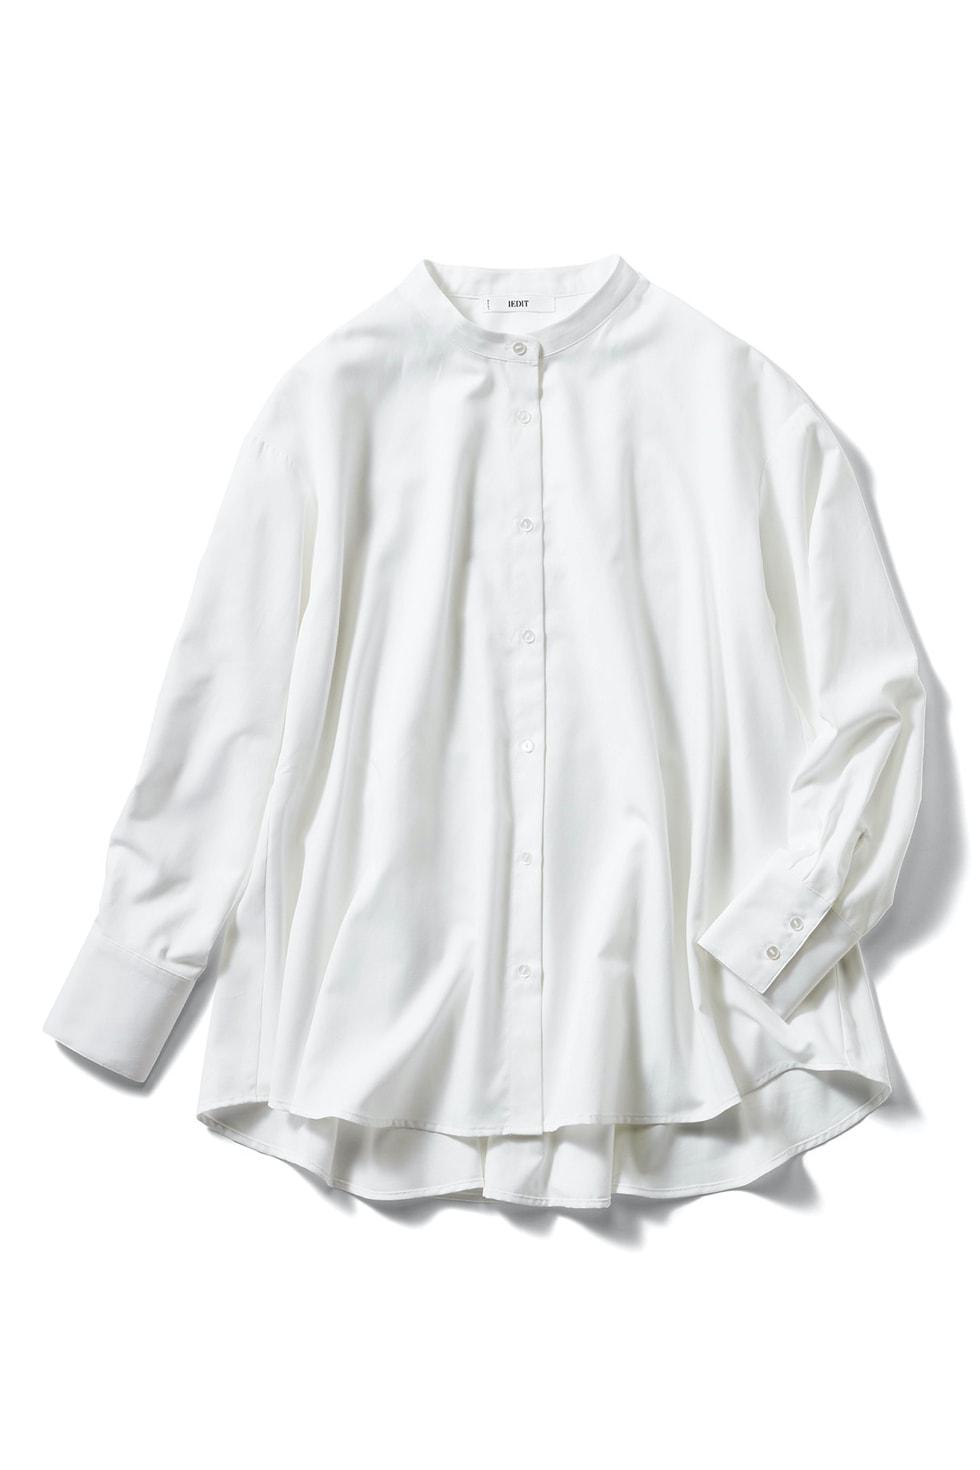 IEDIT[イディット] UVカット&防汚加工 クレバー素材のしなやかドレスシャツ〈フレアー〉